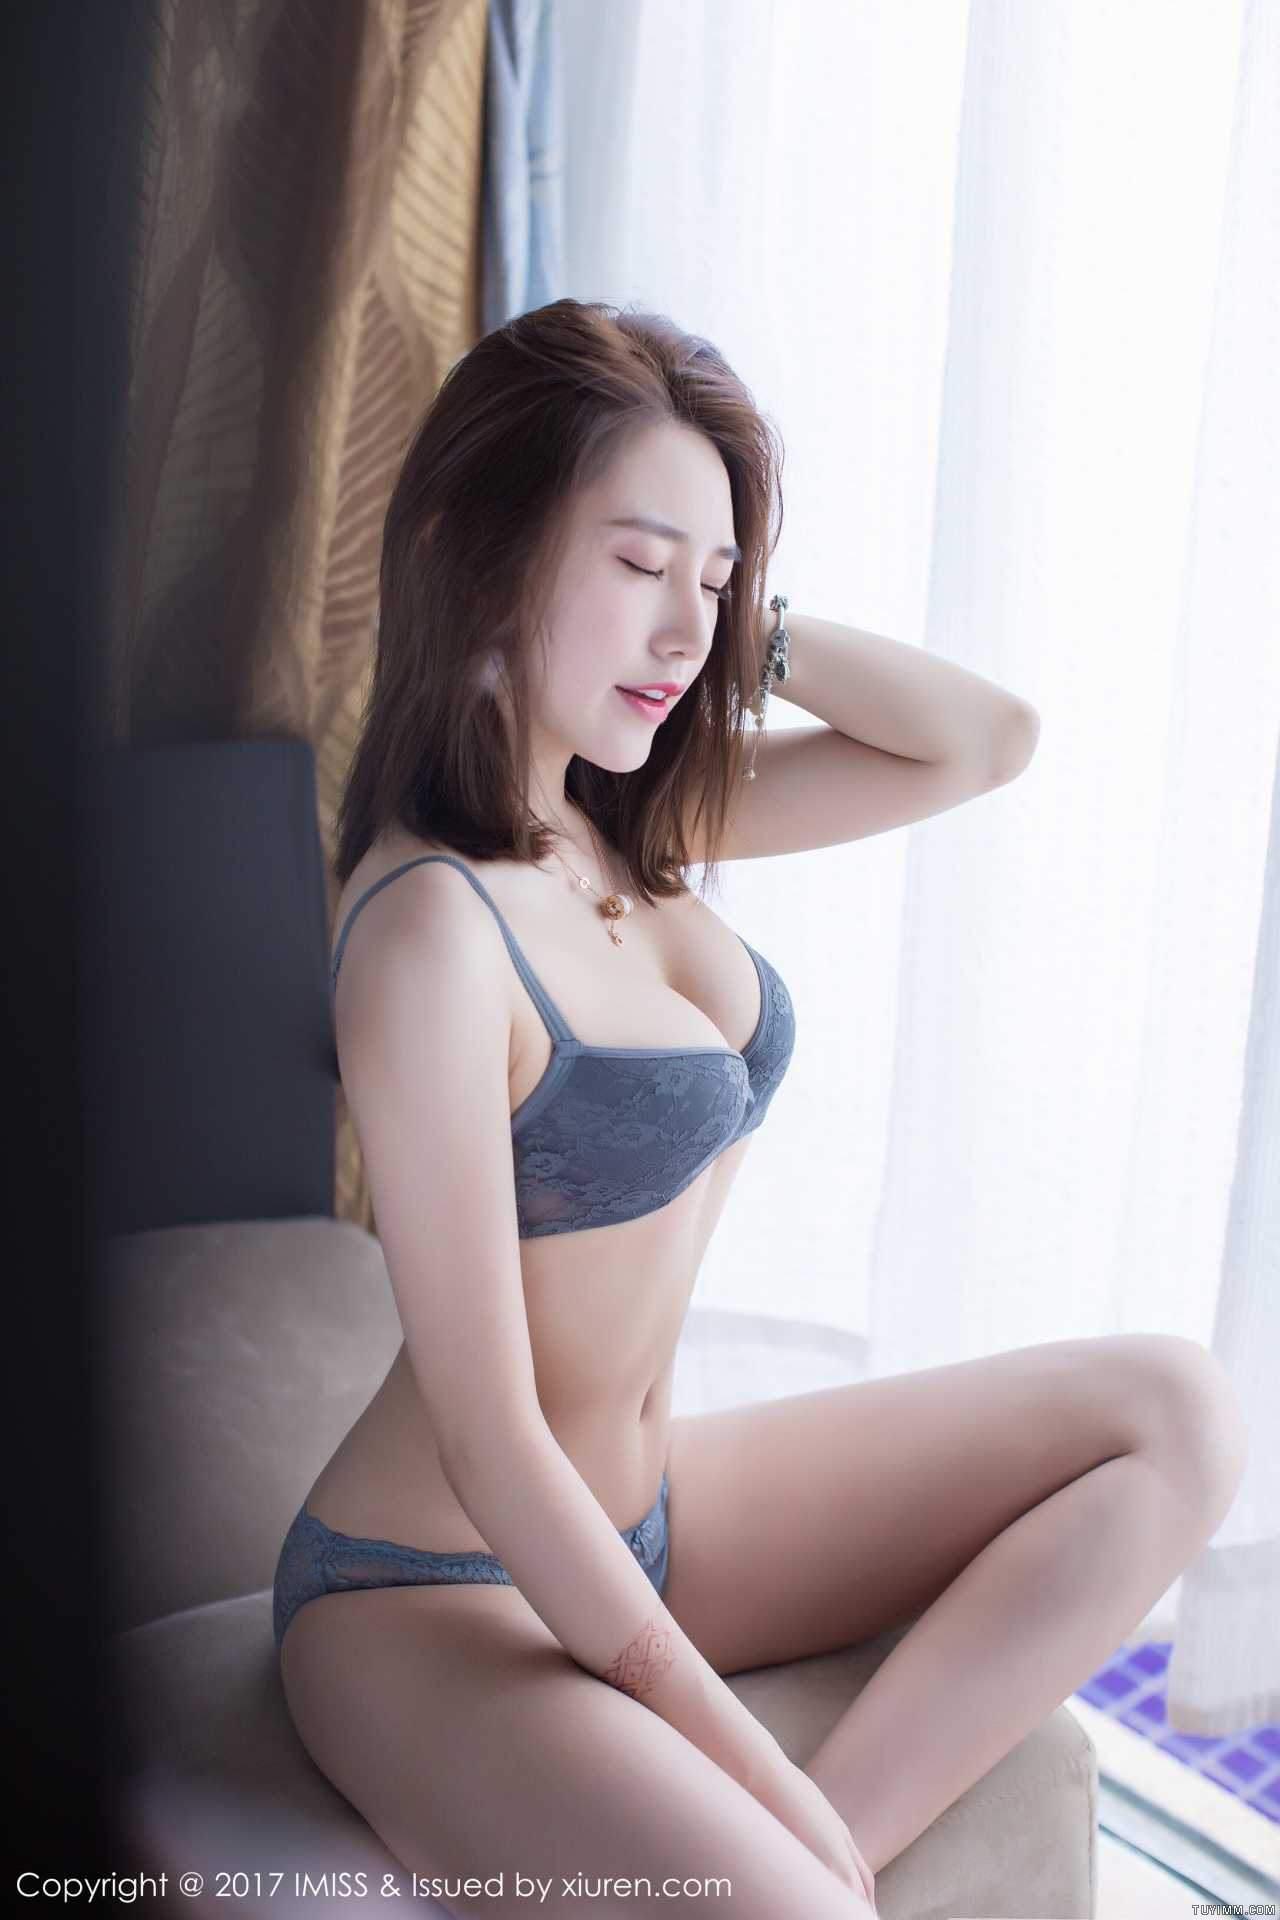 IMISS爱蜜社 2017.09.07 VOL.186 刘奕宁Lynn-第10张图片-哔哔娱乐网